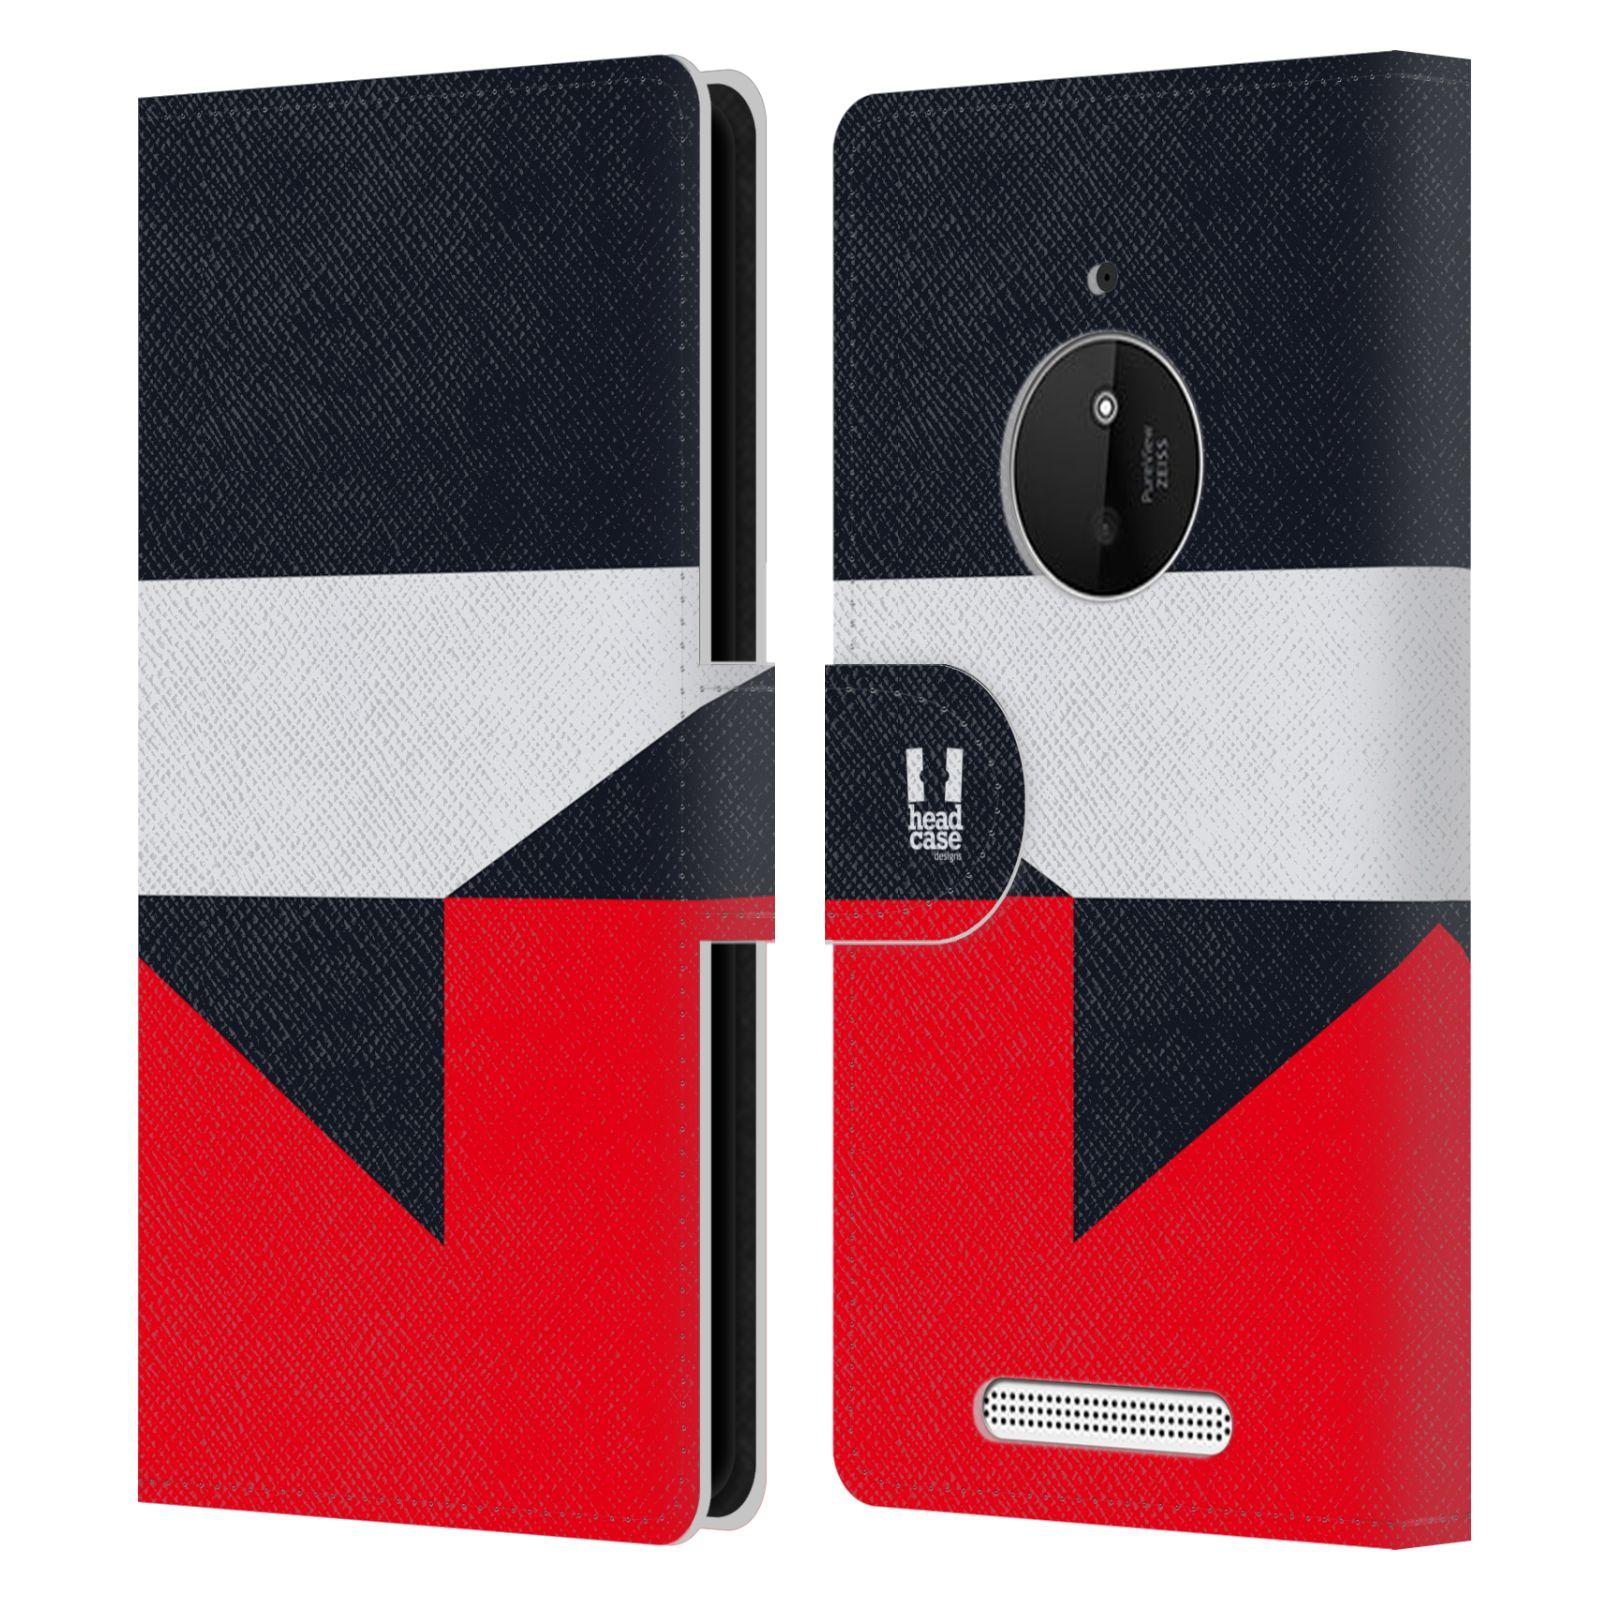 HEAD CASE Flipové pouzdro pro mobil Nokia LUMIA 830 barevné tvary černá a červená gejša